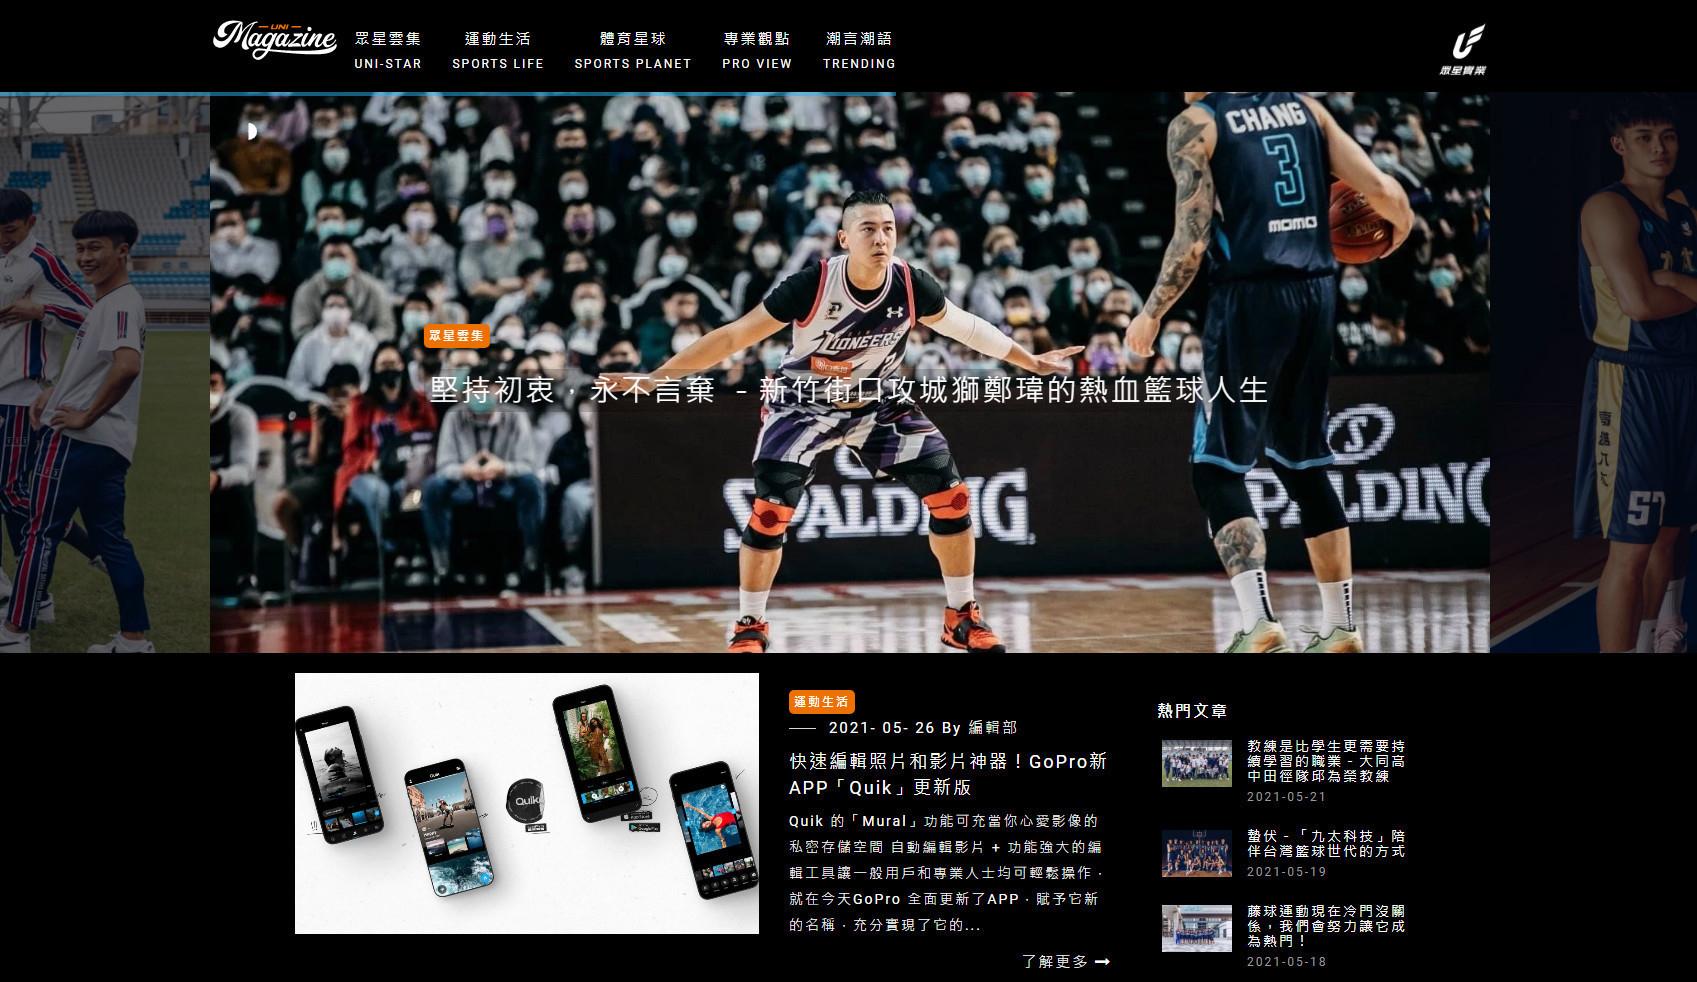 台北SEO網頁優化成功案例-眾星實業運動雜誌|鯊客科技SEO優化網站設計成功案例